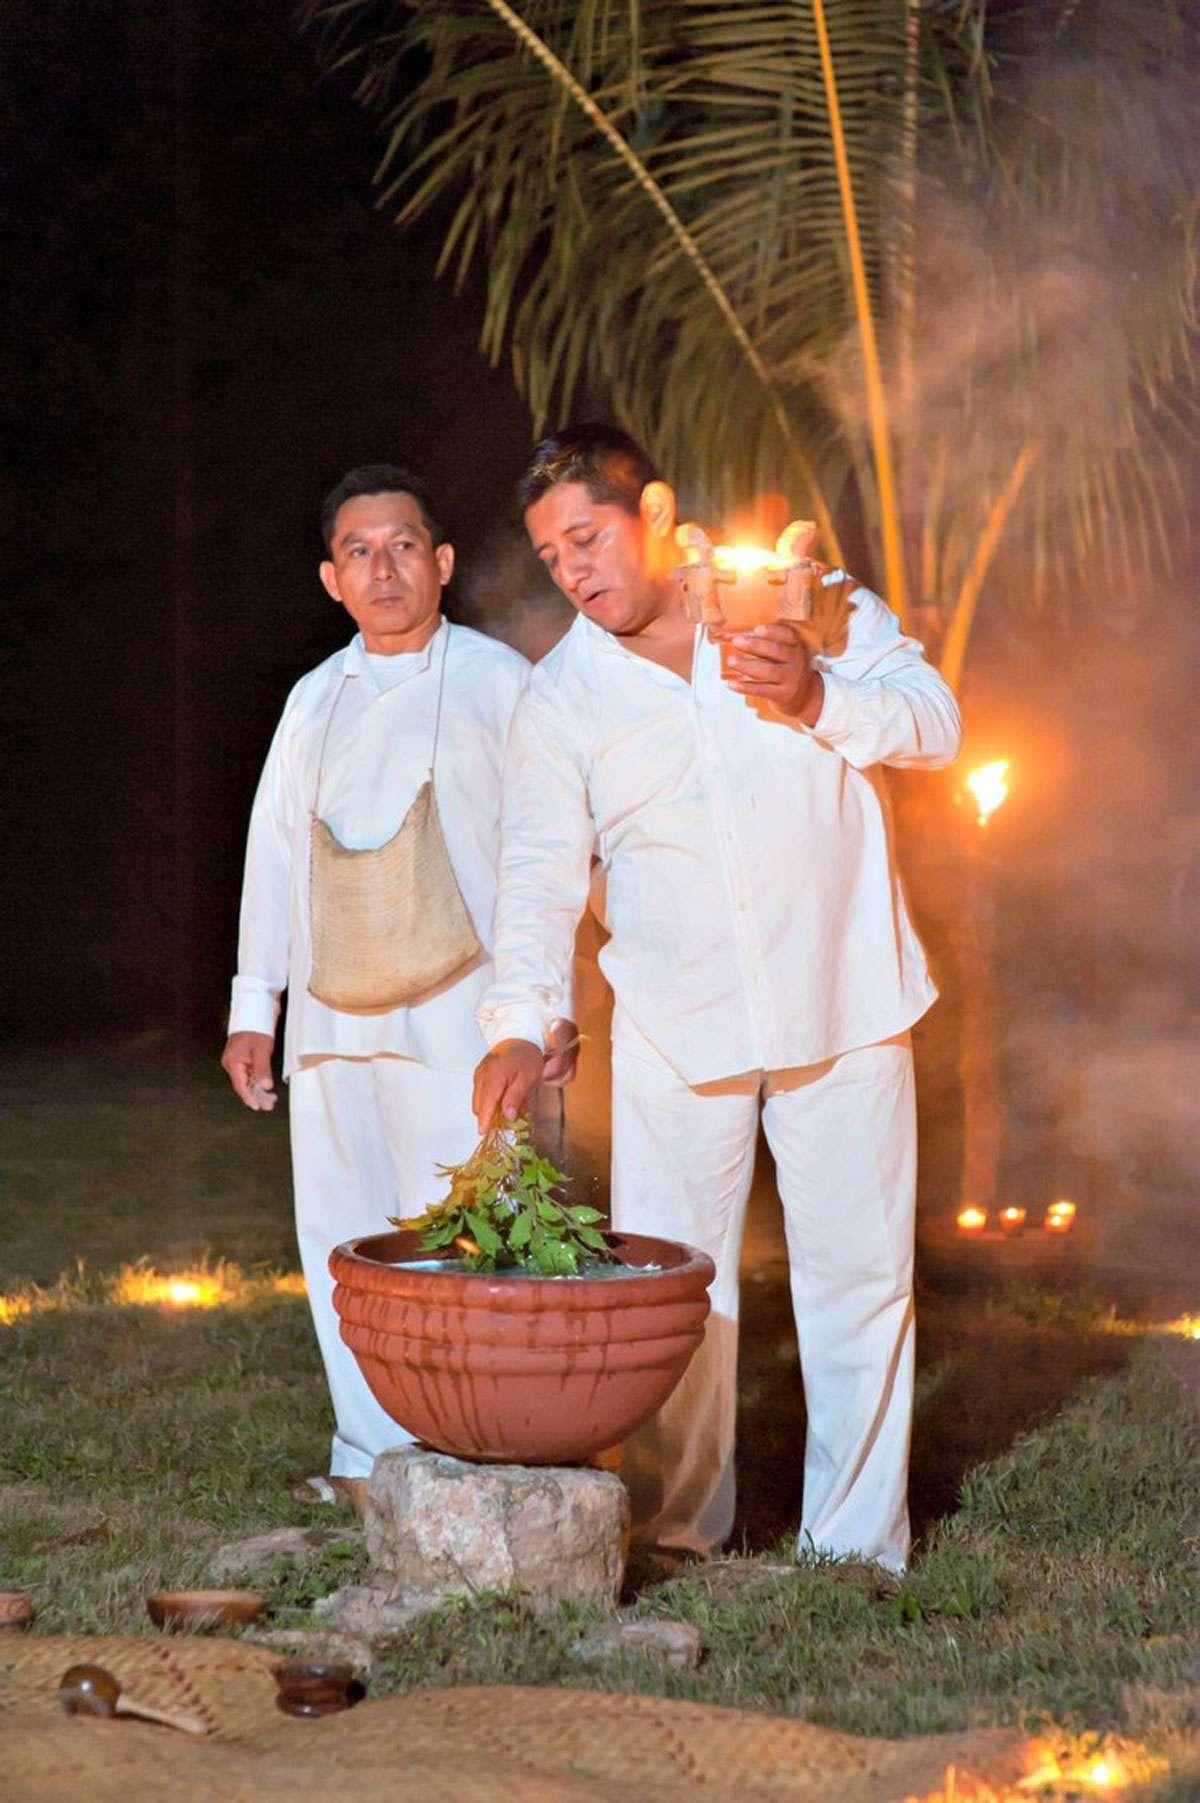 Jose Santos Tamay, a Mayan J'Men, performs a healing ritual, Photo: Jose Santos Tamay